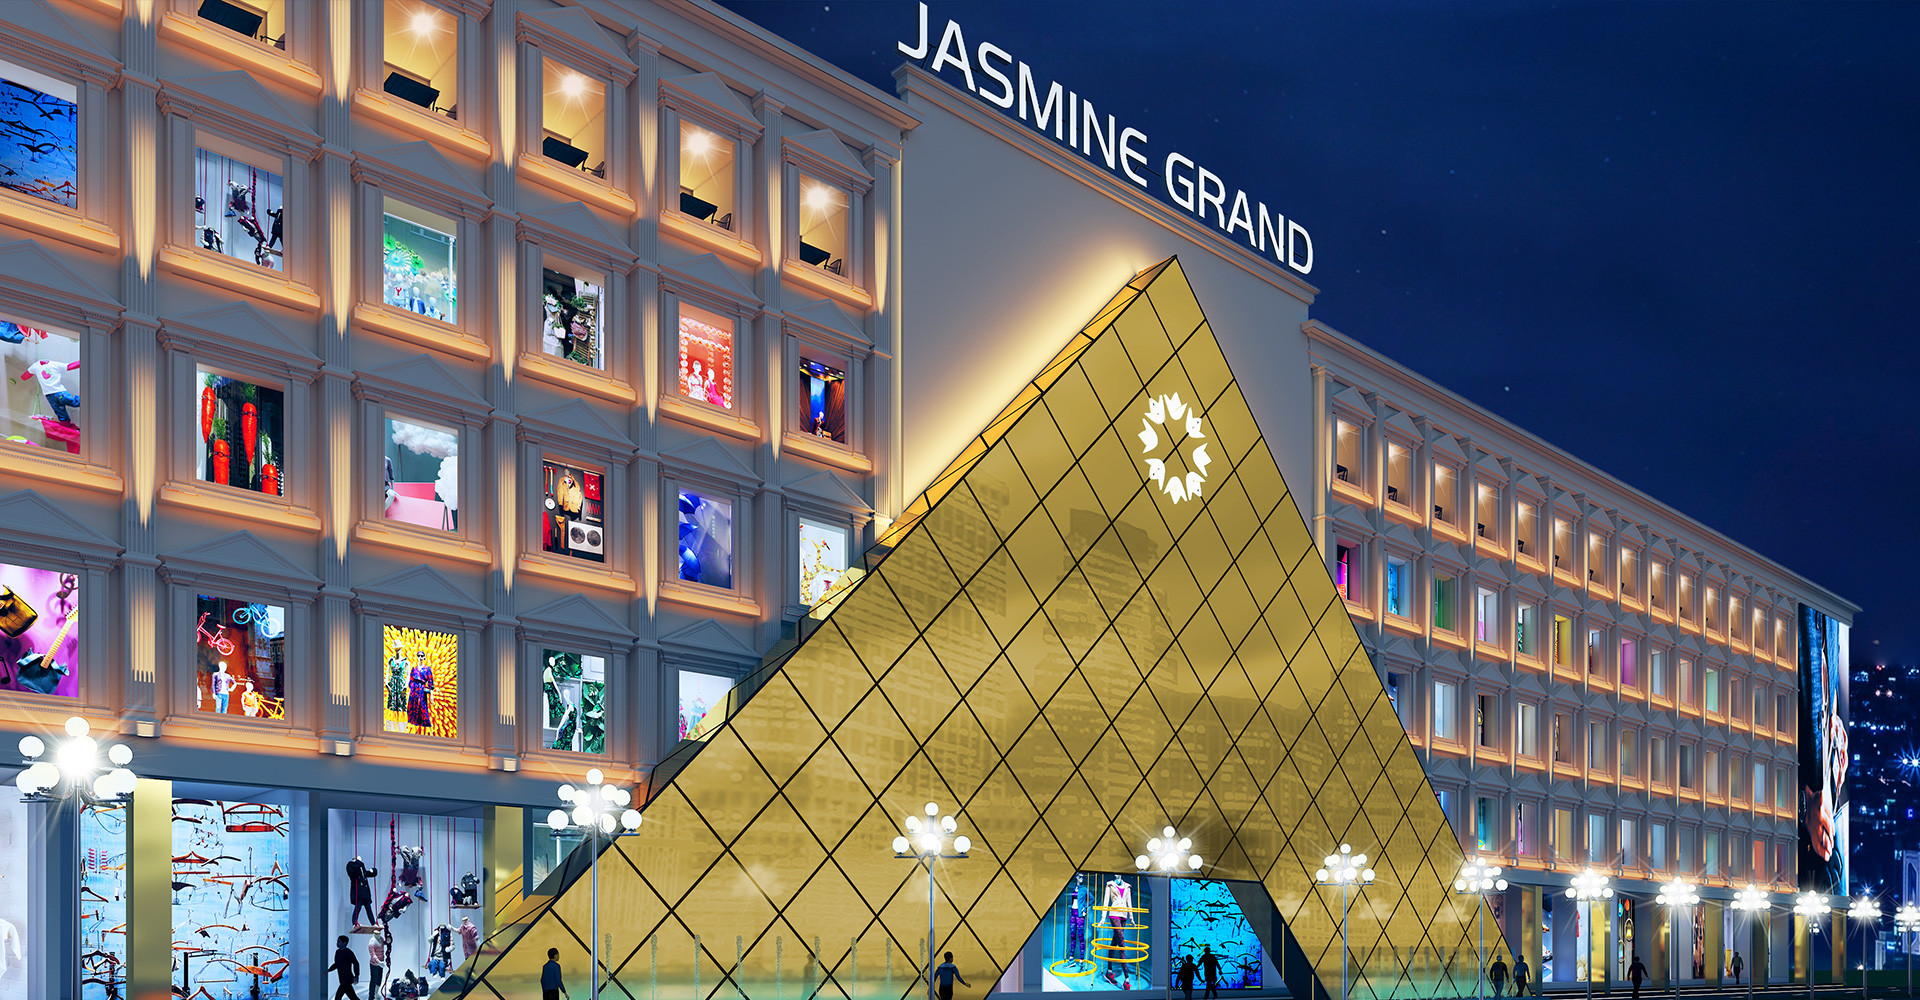 Building-Design-Hiline-Lahore-portfolio-Jasmine-Grand-02